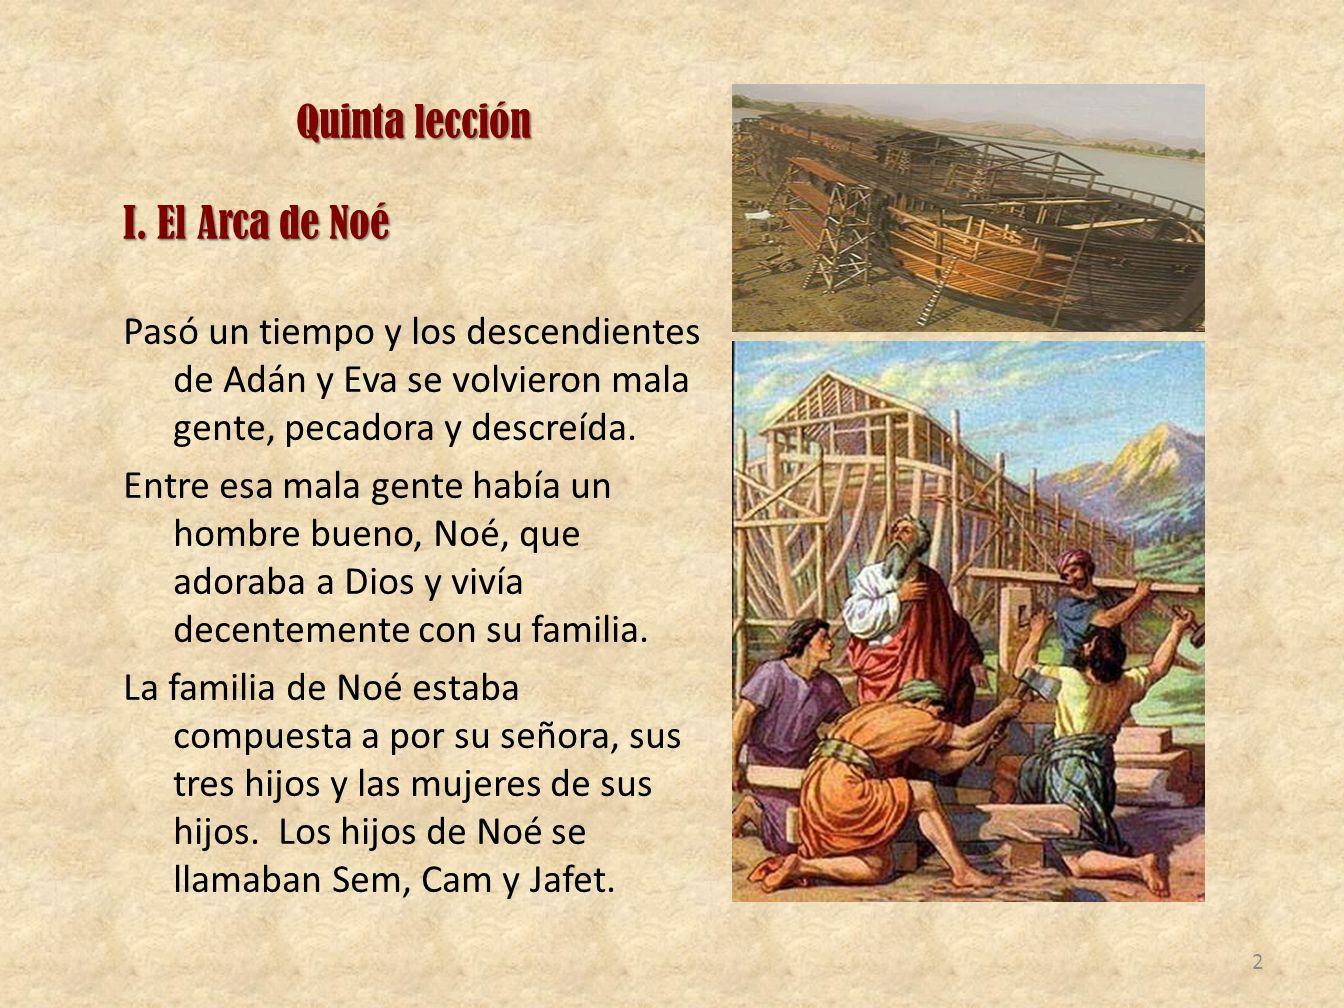 Quinta lección I. El Arca de Noé Pasó un tiempo y los descendientes de Adán y Eva se volvieron mala gente, pecadora y descreída. Entre esa mala gente